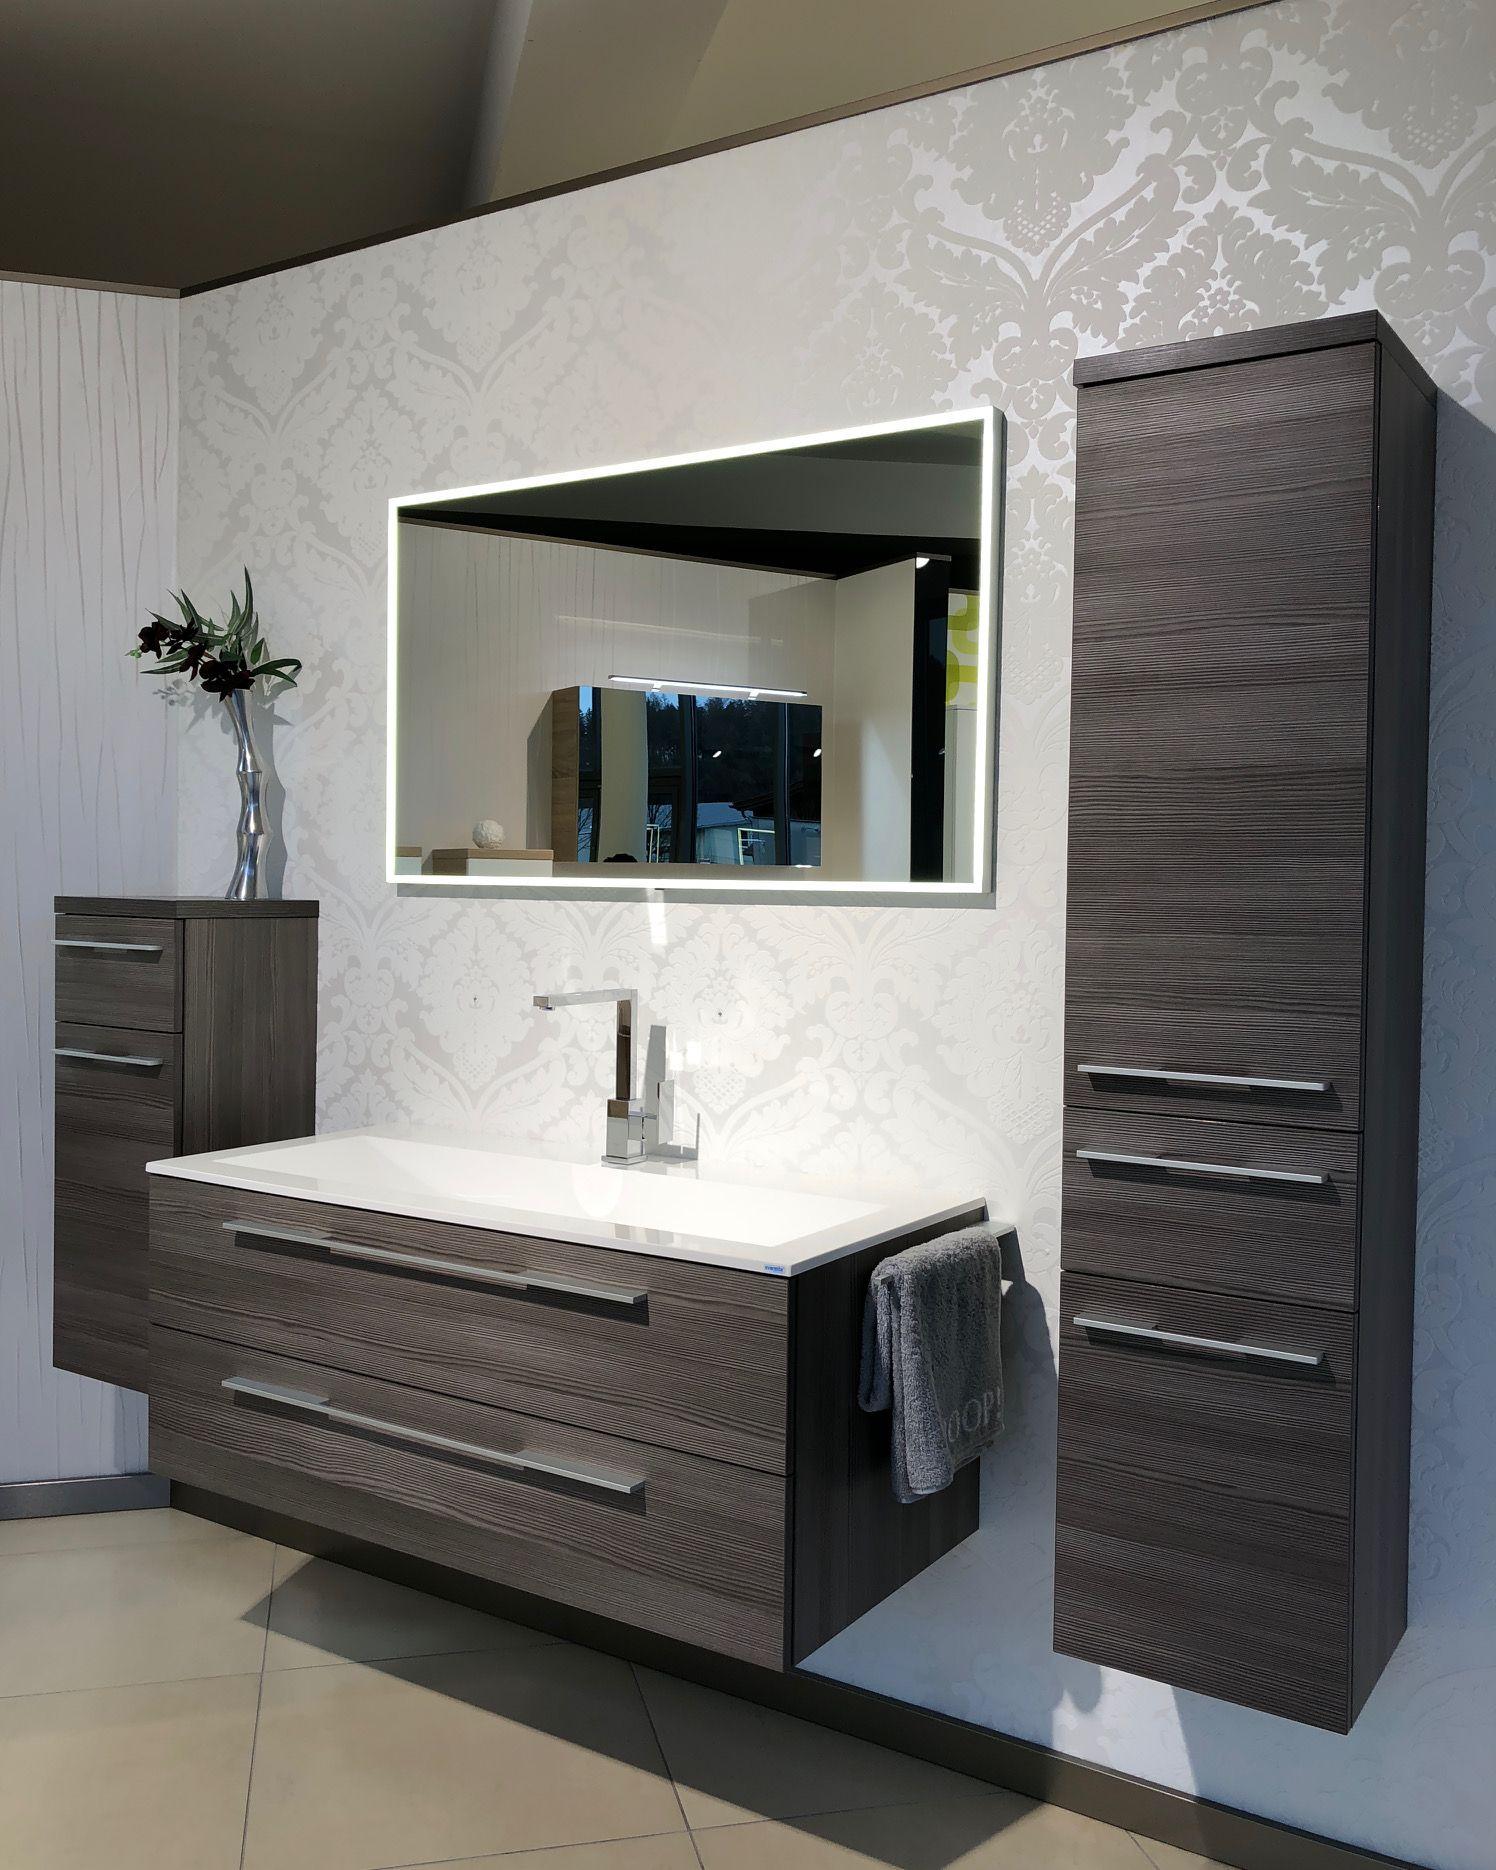 Badmobel Set Funktionalitat Design Und Asthetik In Harmonie So Wichtig Ein Asthetisches Design Ba Badezimmer Badezimmer Innenausstattung Asthetisches Design